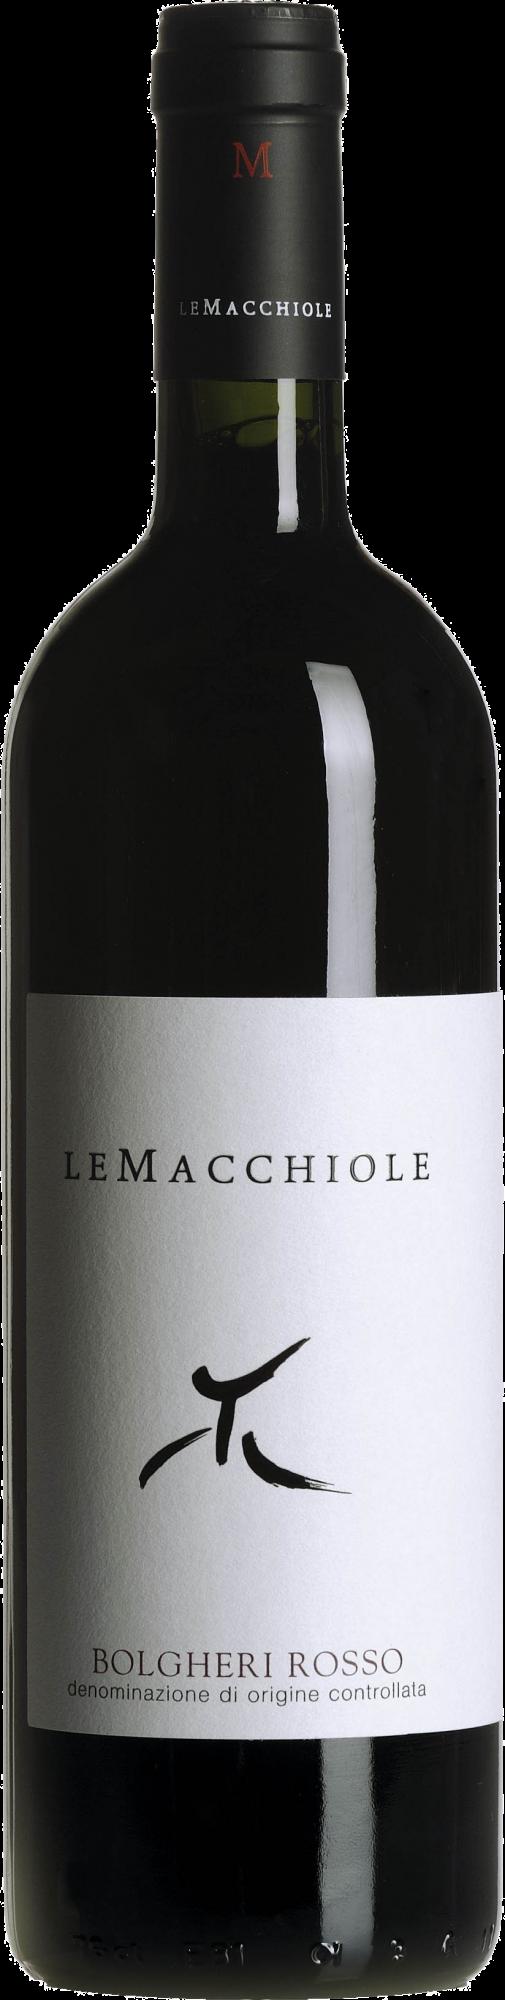 Le-Macchiolo-Bolgheri-Rosso-e1523976702710